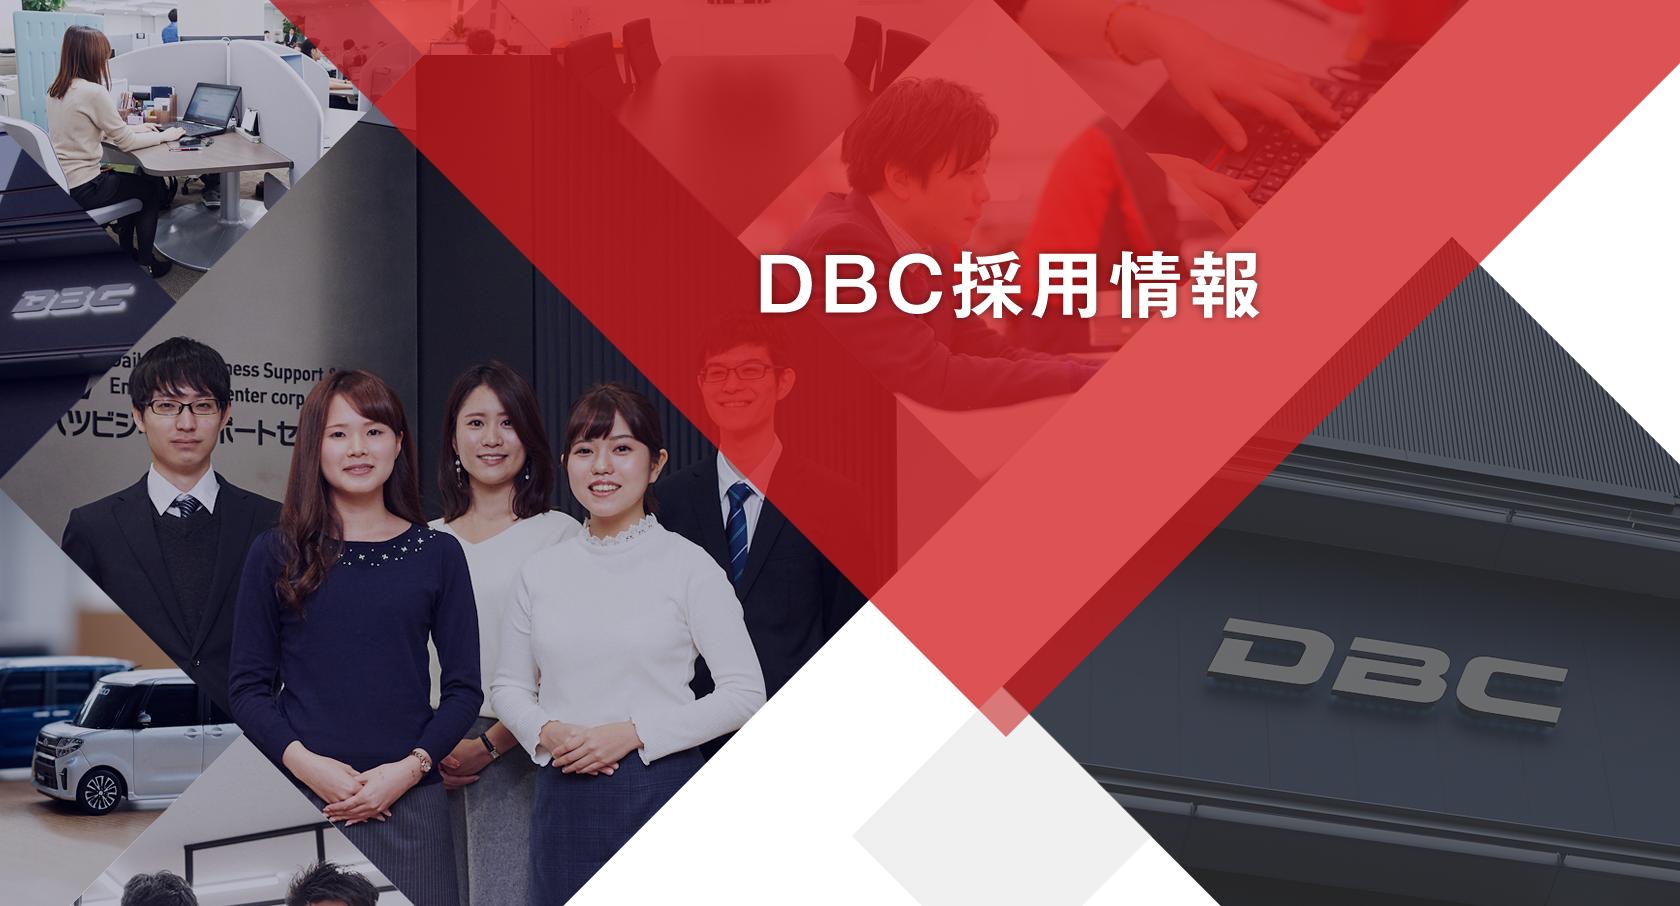 変化を楽しもう成長し続けるために DBC RECRUITMENT